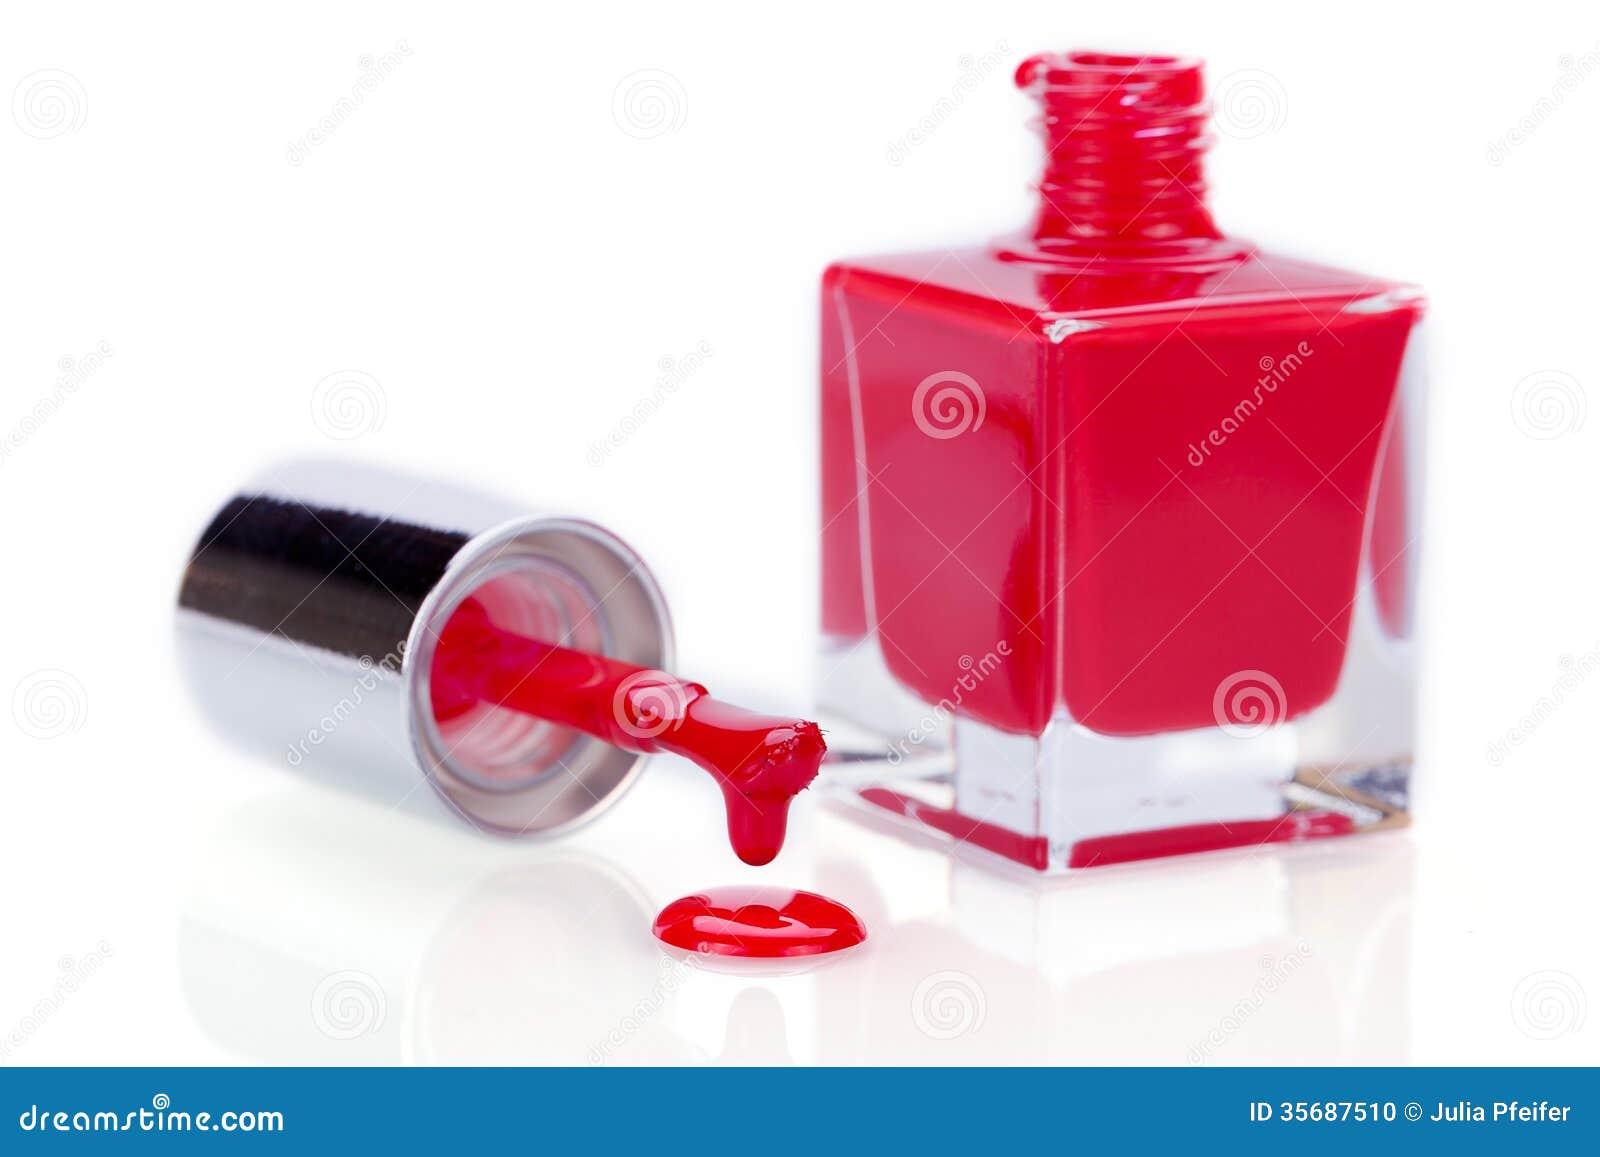 Modern And Stylish Nail Art Design